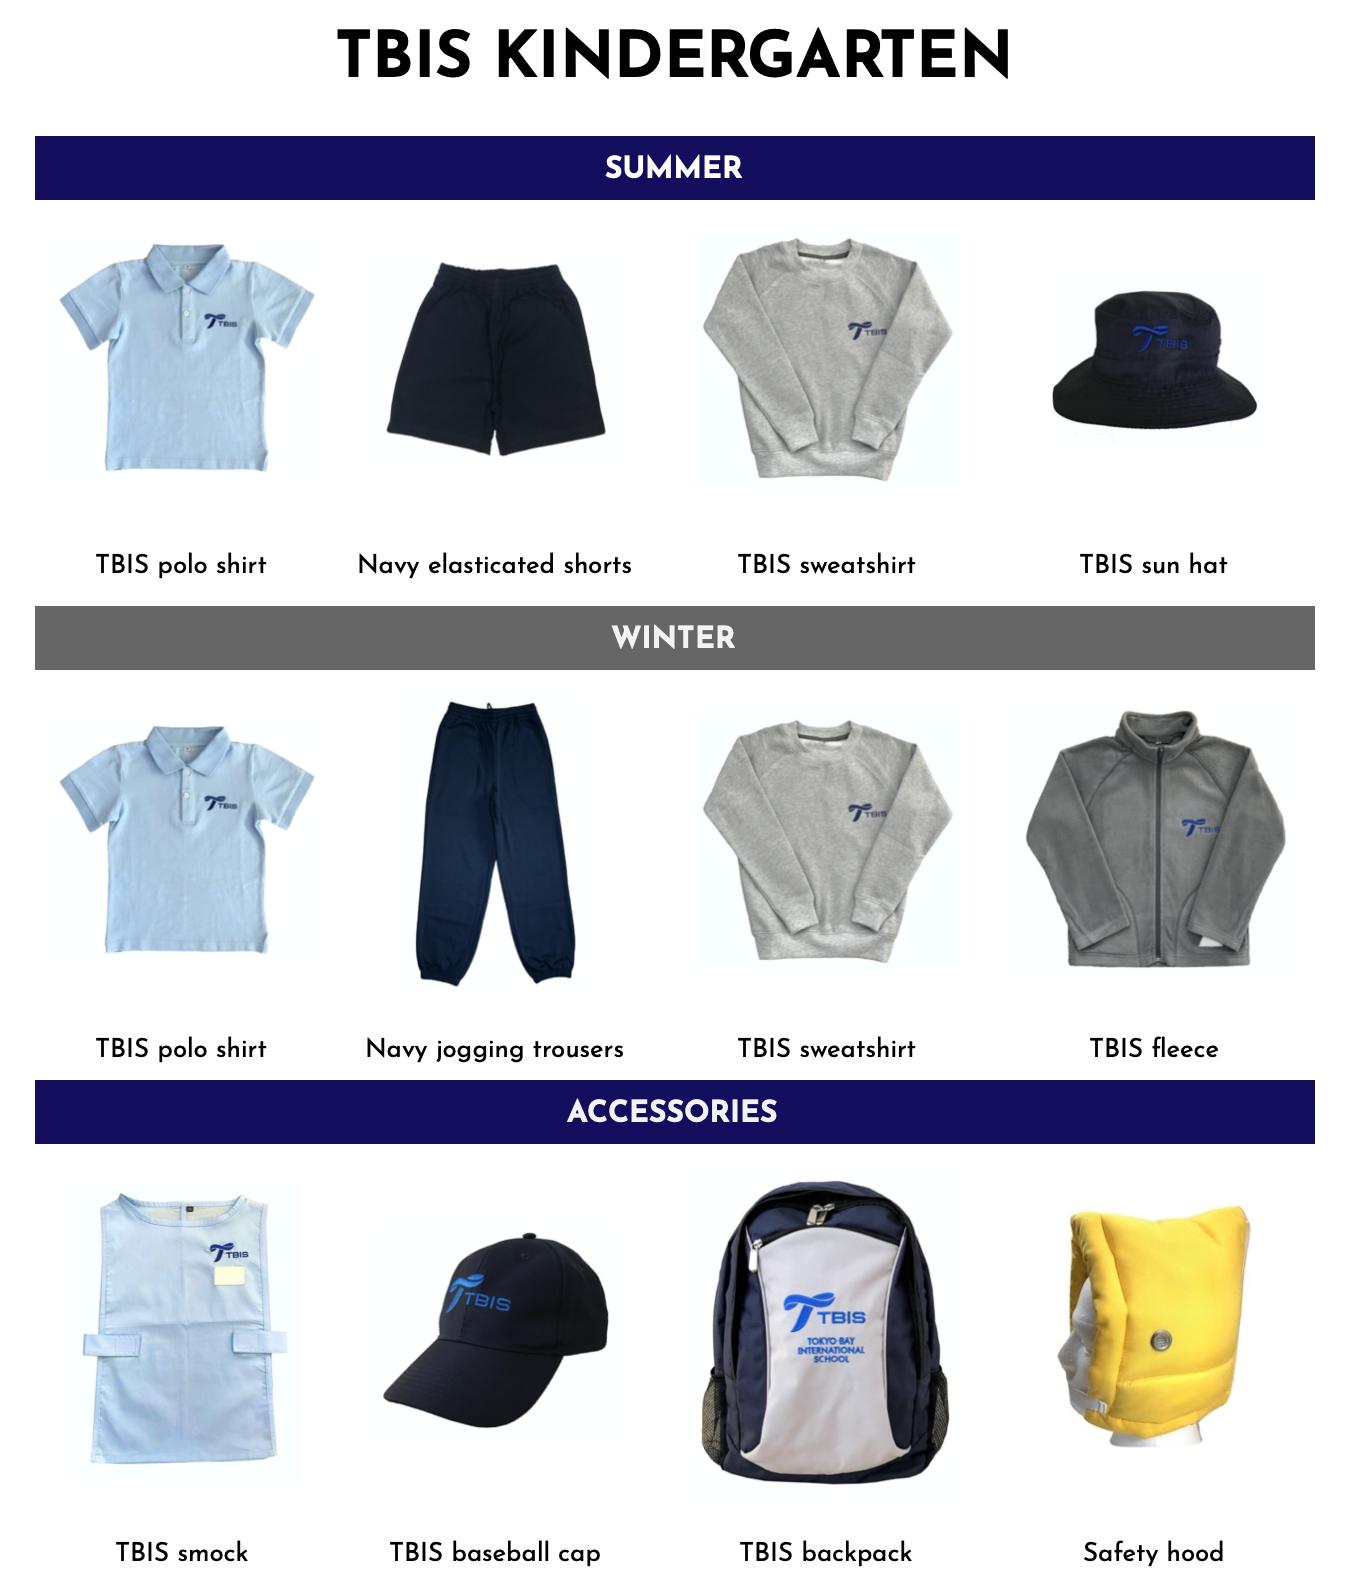 tbis-uniform-guide-2021-1.png